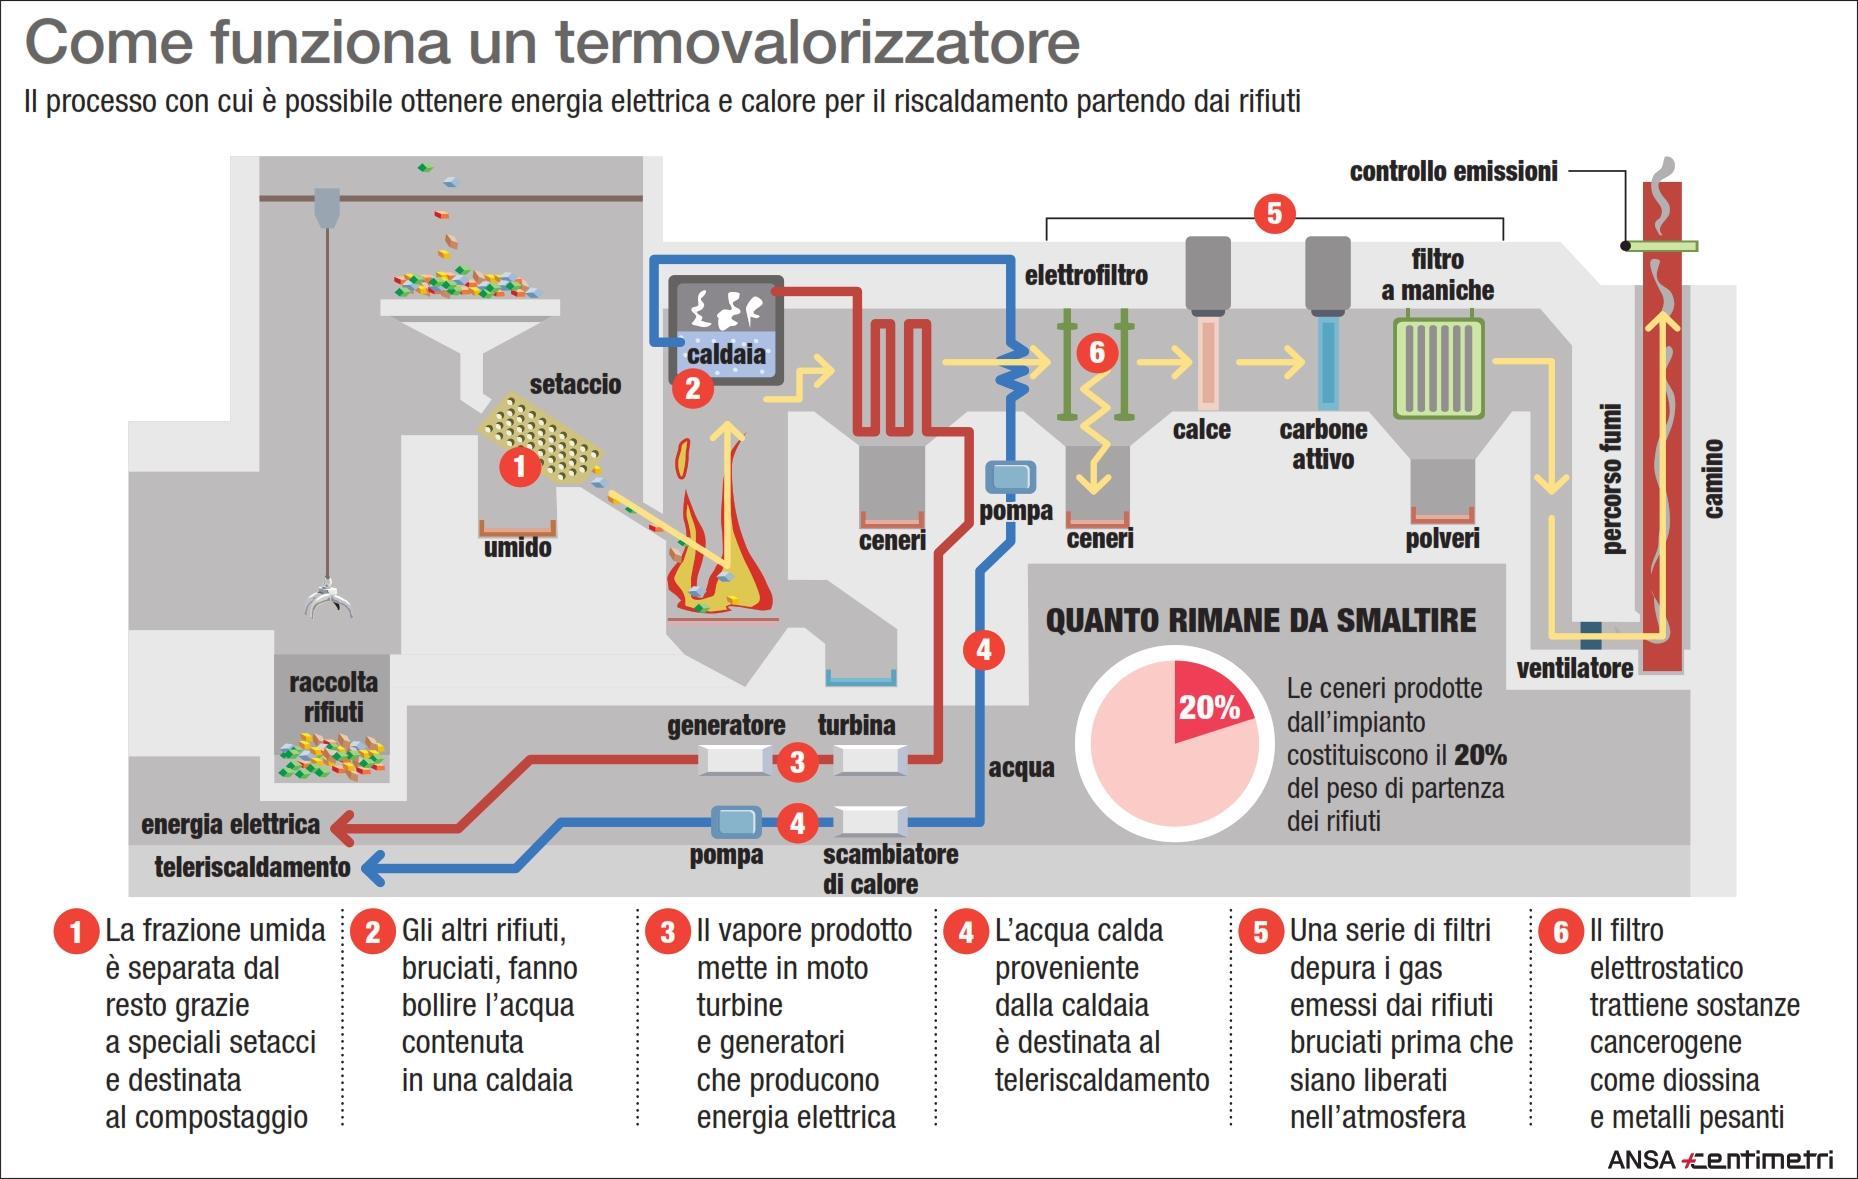 Come funziona un impianto di termovalorizzazione